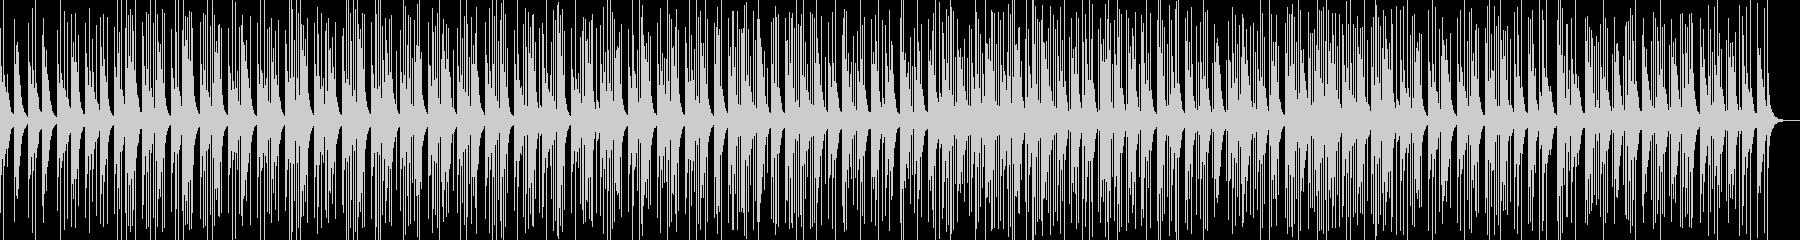 カリンバの瞑想的なヒーリング曲の未再生の波形